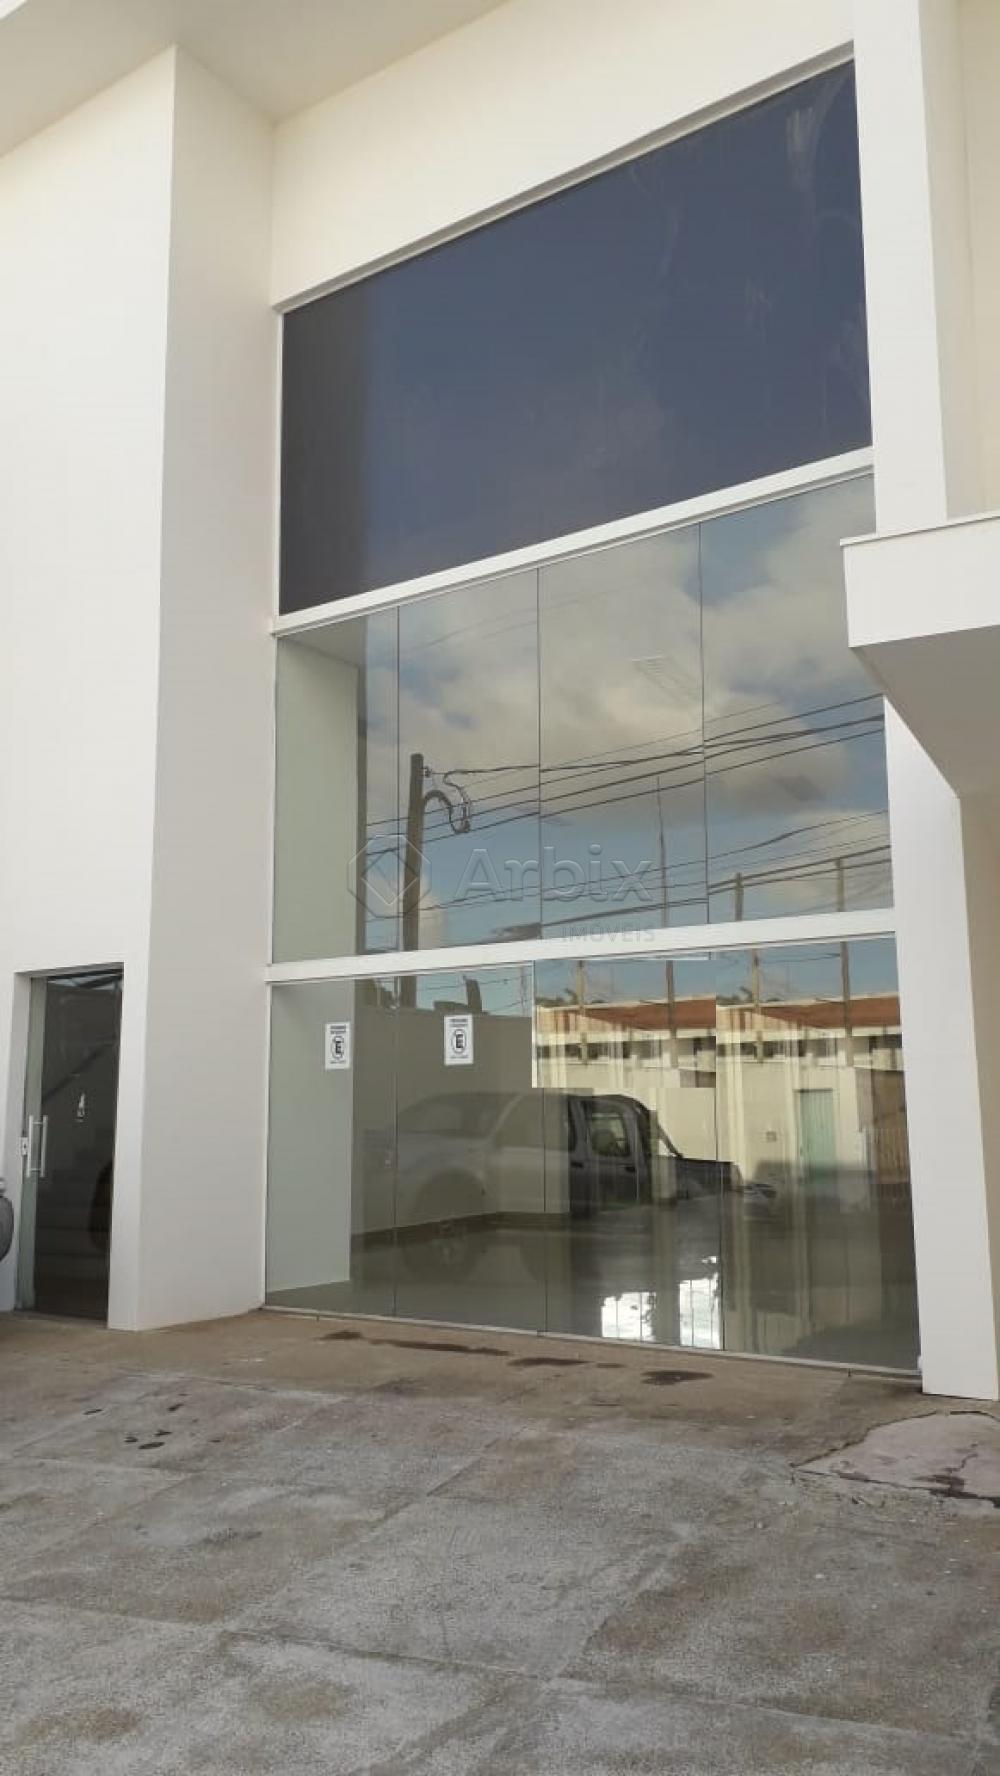 Alugar Comercial / Salão em Americana apenas R$ 6.000,00 - Foto 3